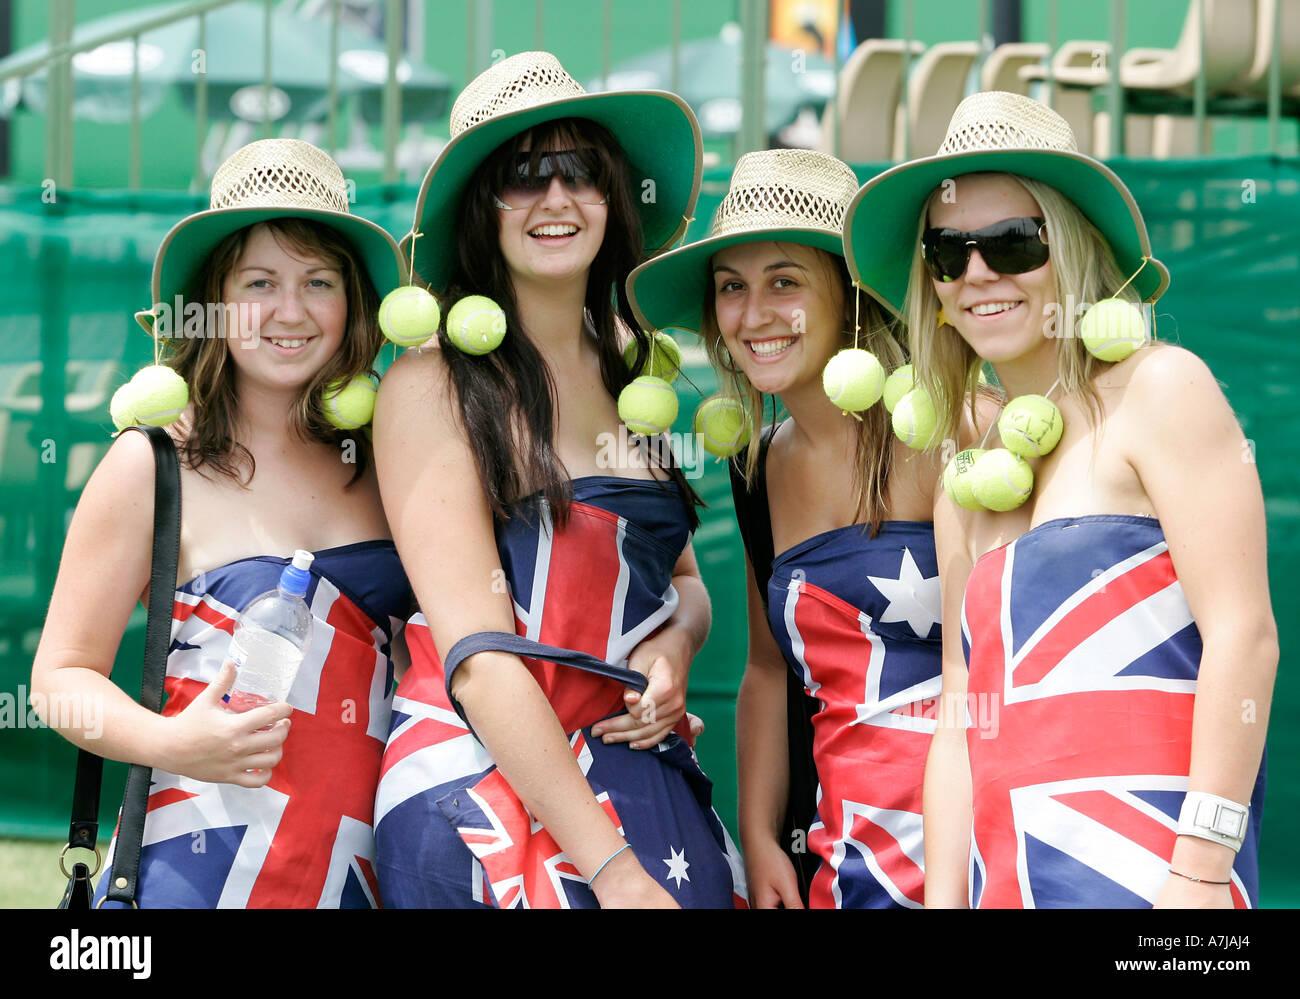 Cuatro jóvenes patrióticos a los aficionados al tenis femenino portando la bandera australiana. Foto de stock